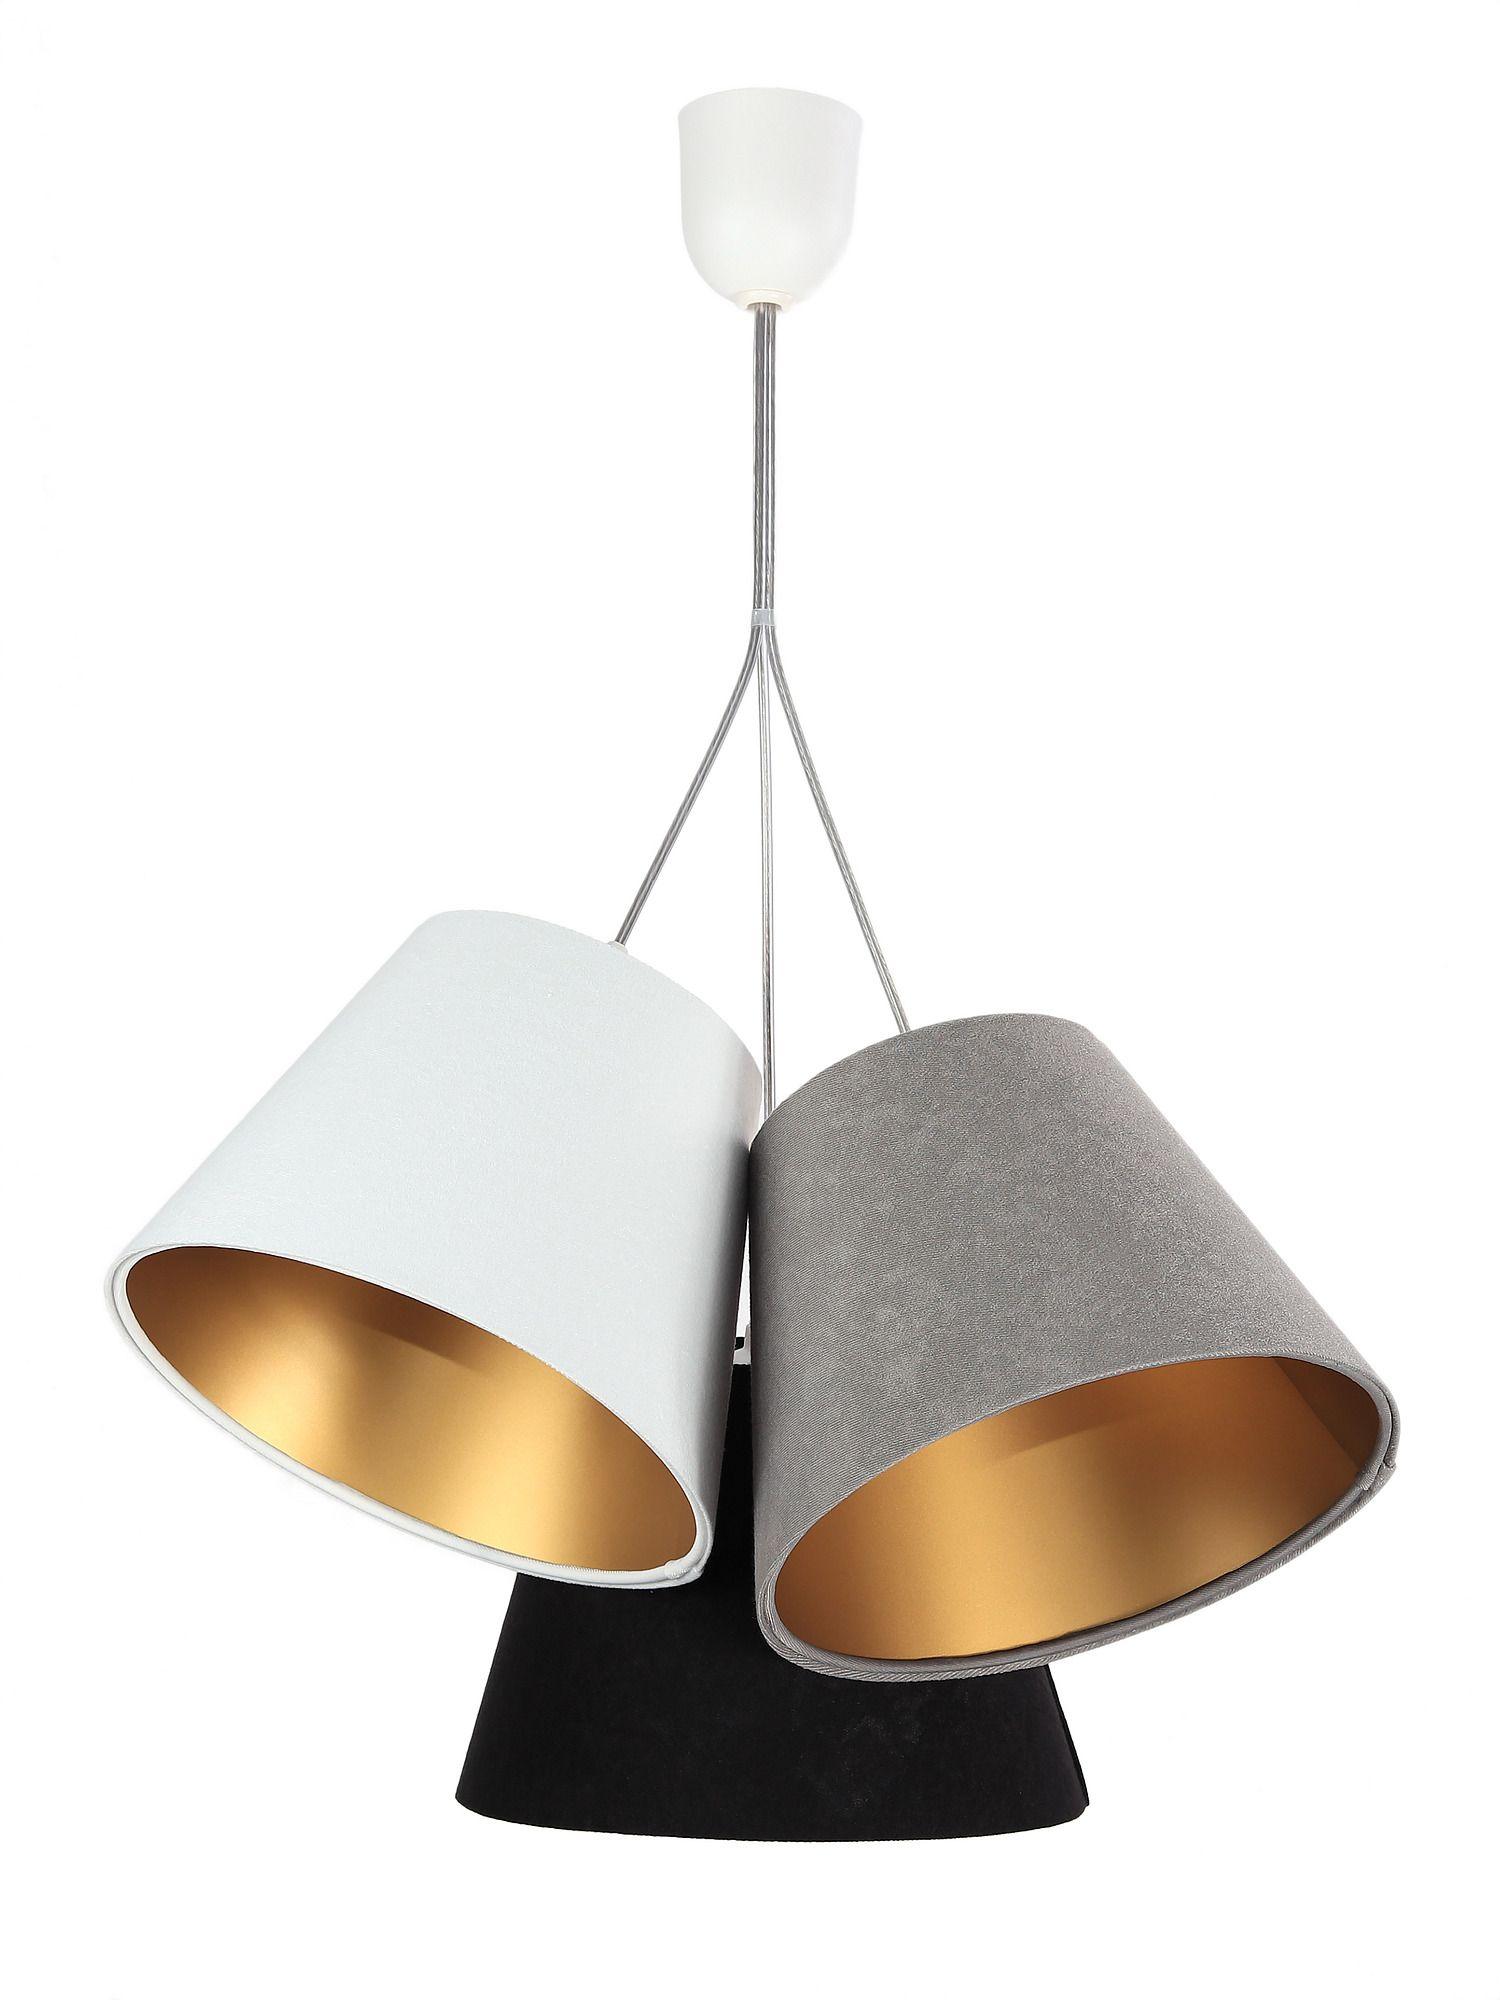 Hängelampe Grau Gold Schwarz Stoff Wohnzimmer